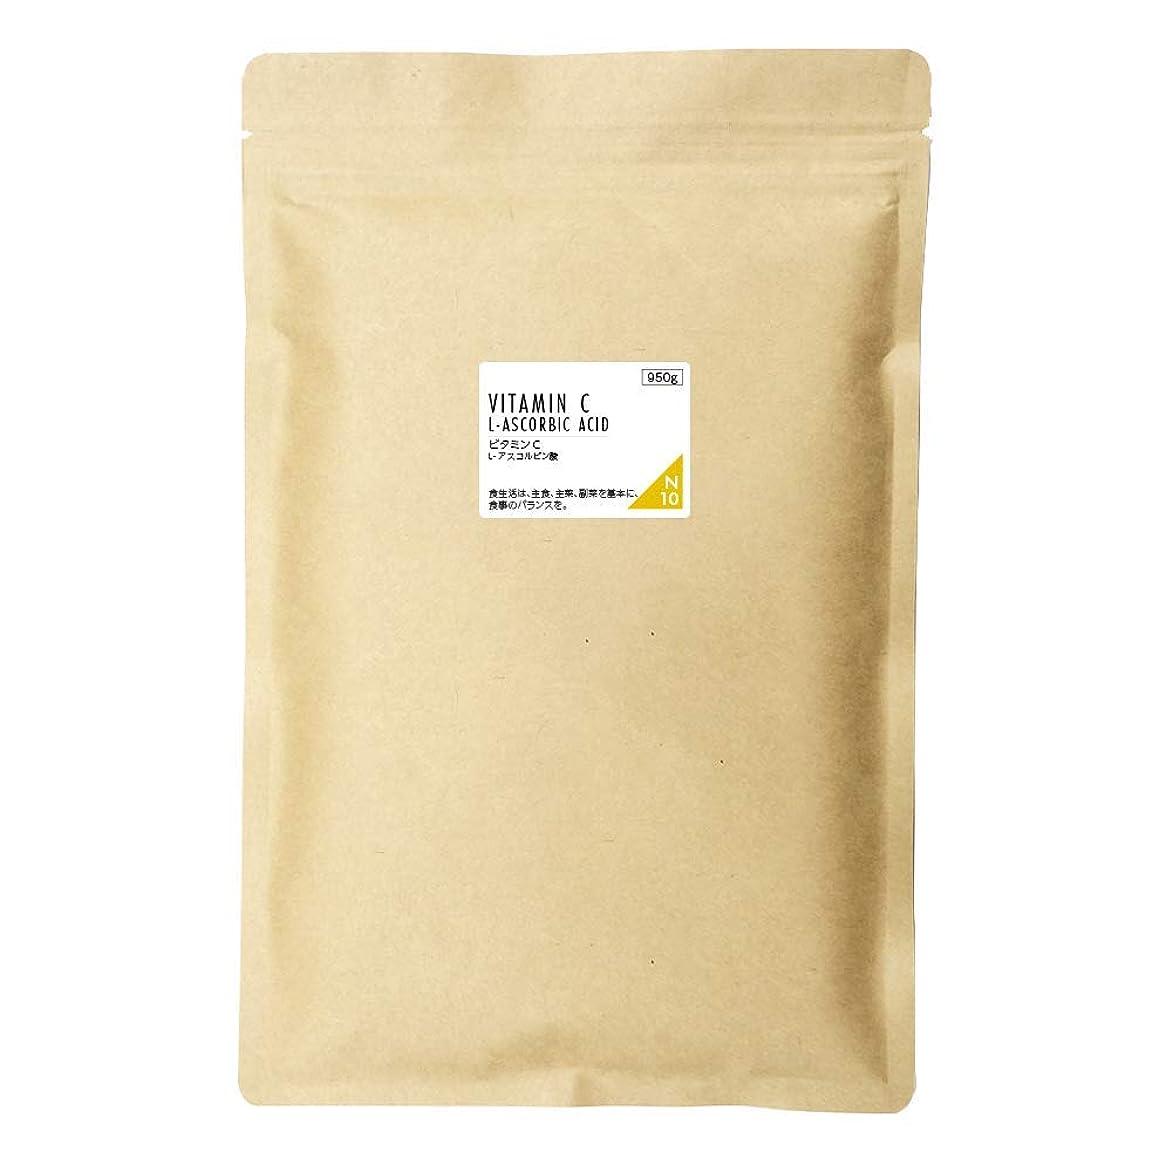 圧倒的青誕生日nichie ビタミンC 粉末 100% アスコルビン酸 パウダーサプリ 950g